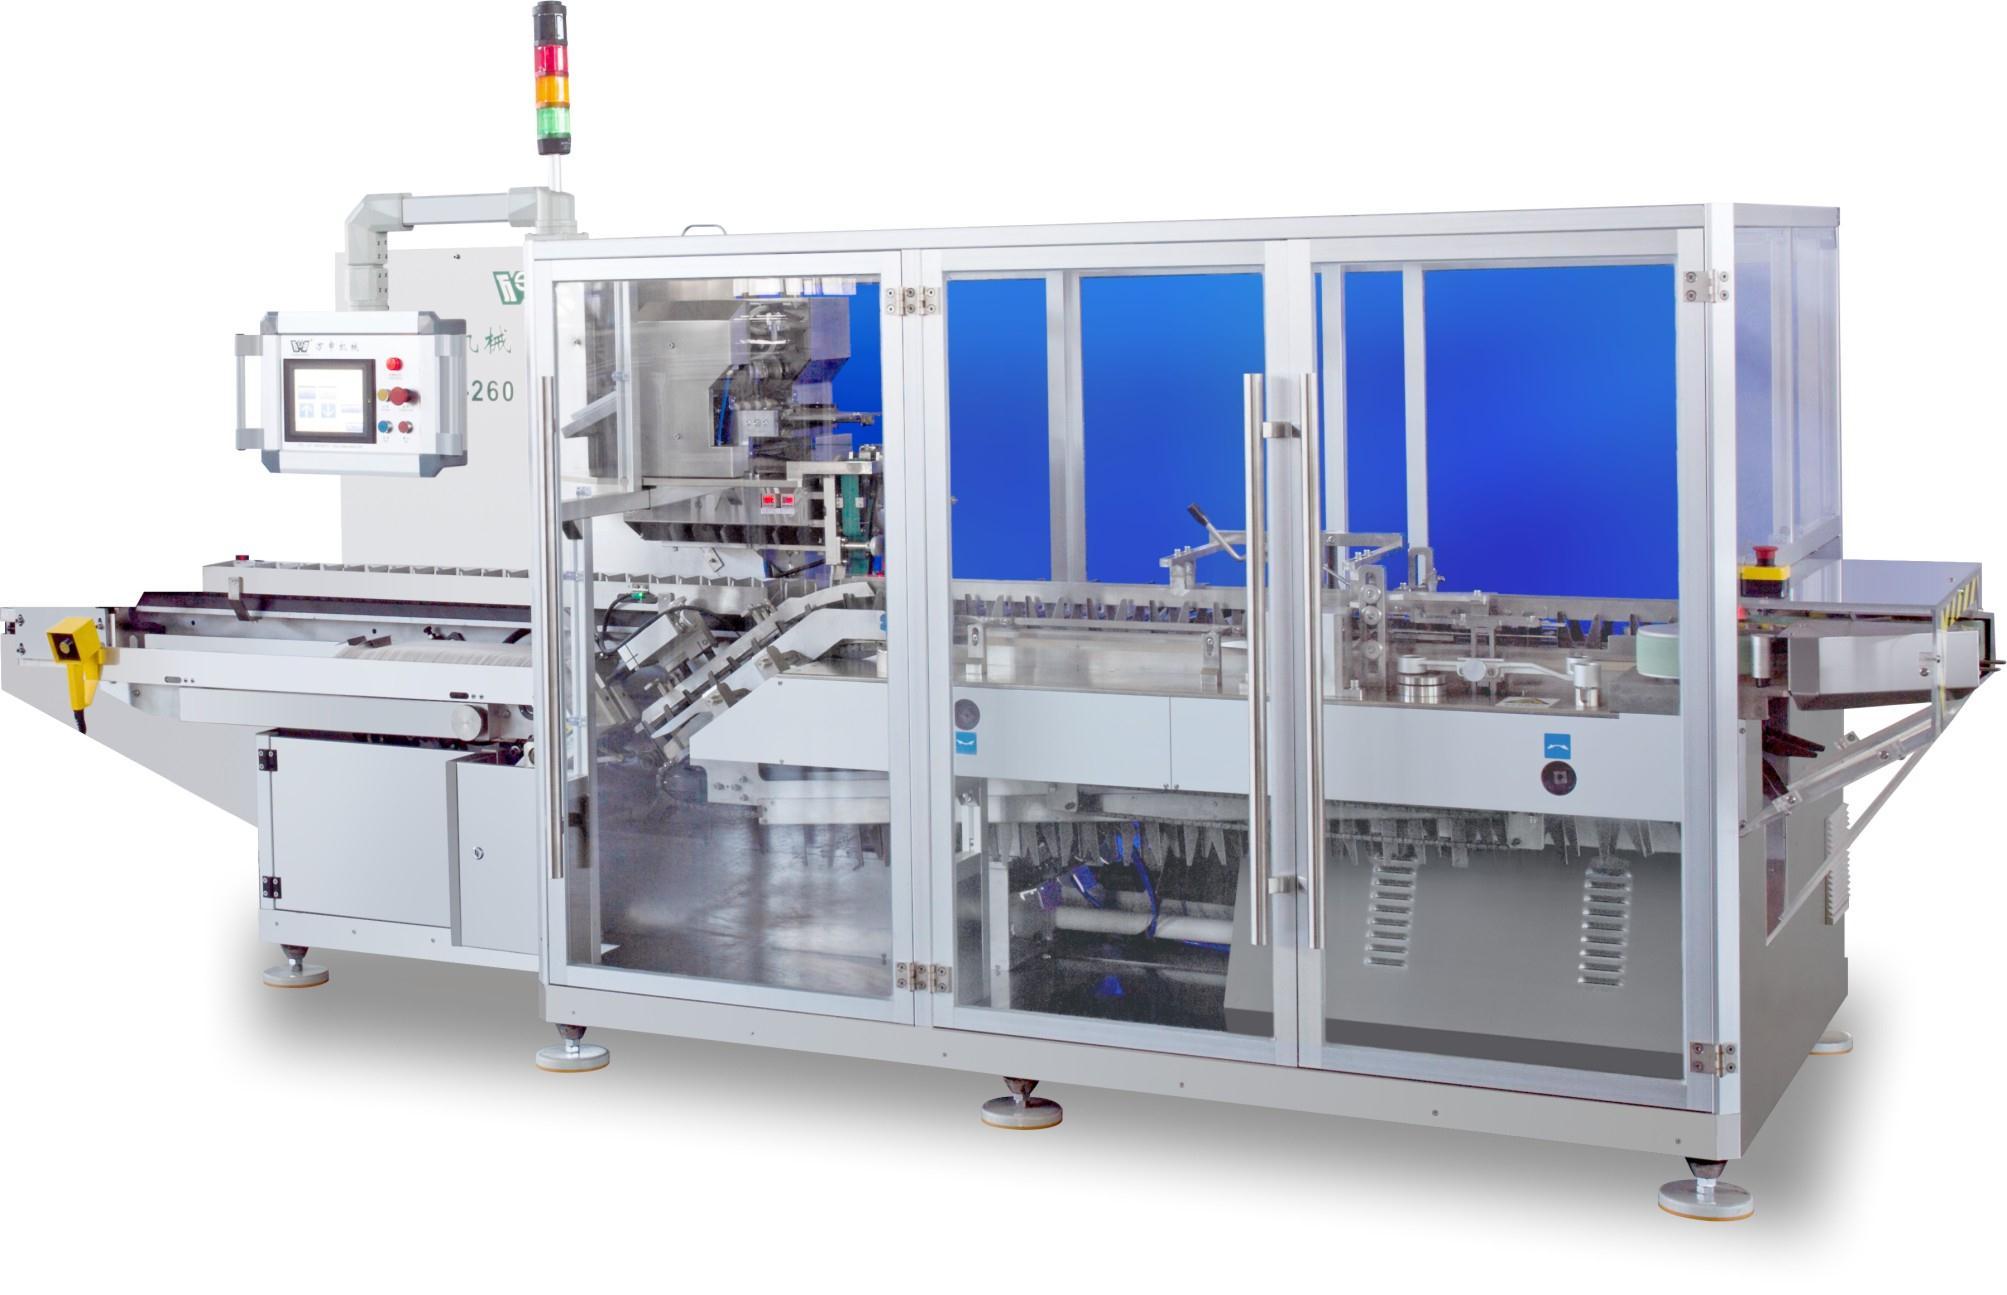 WS-260连续式自动装盒机